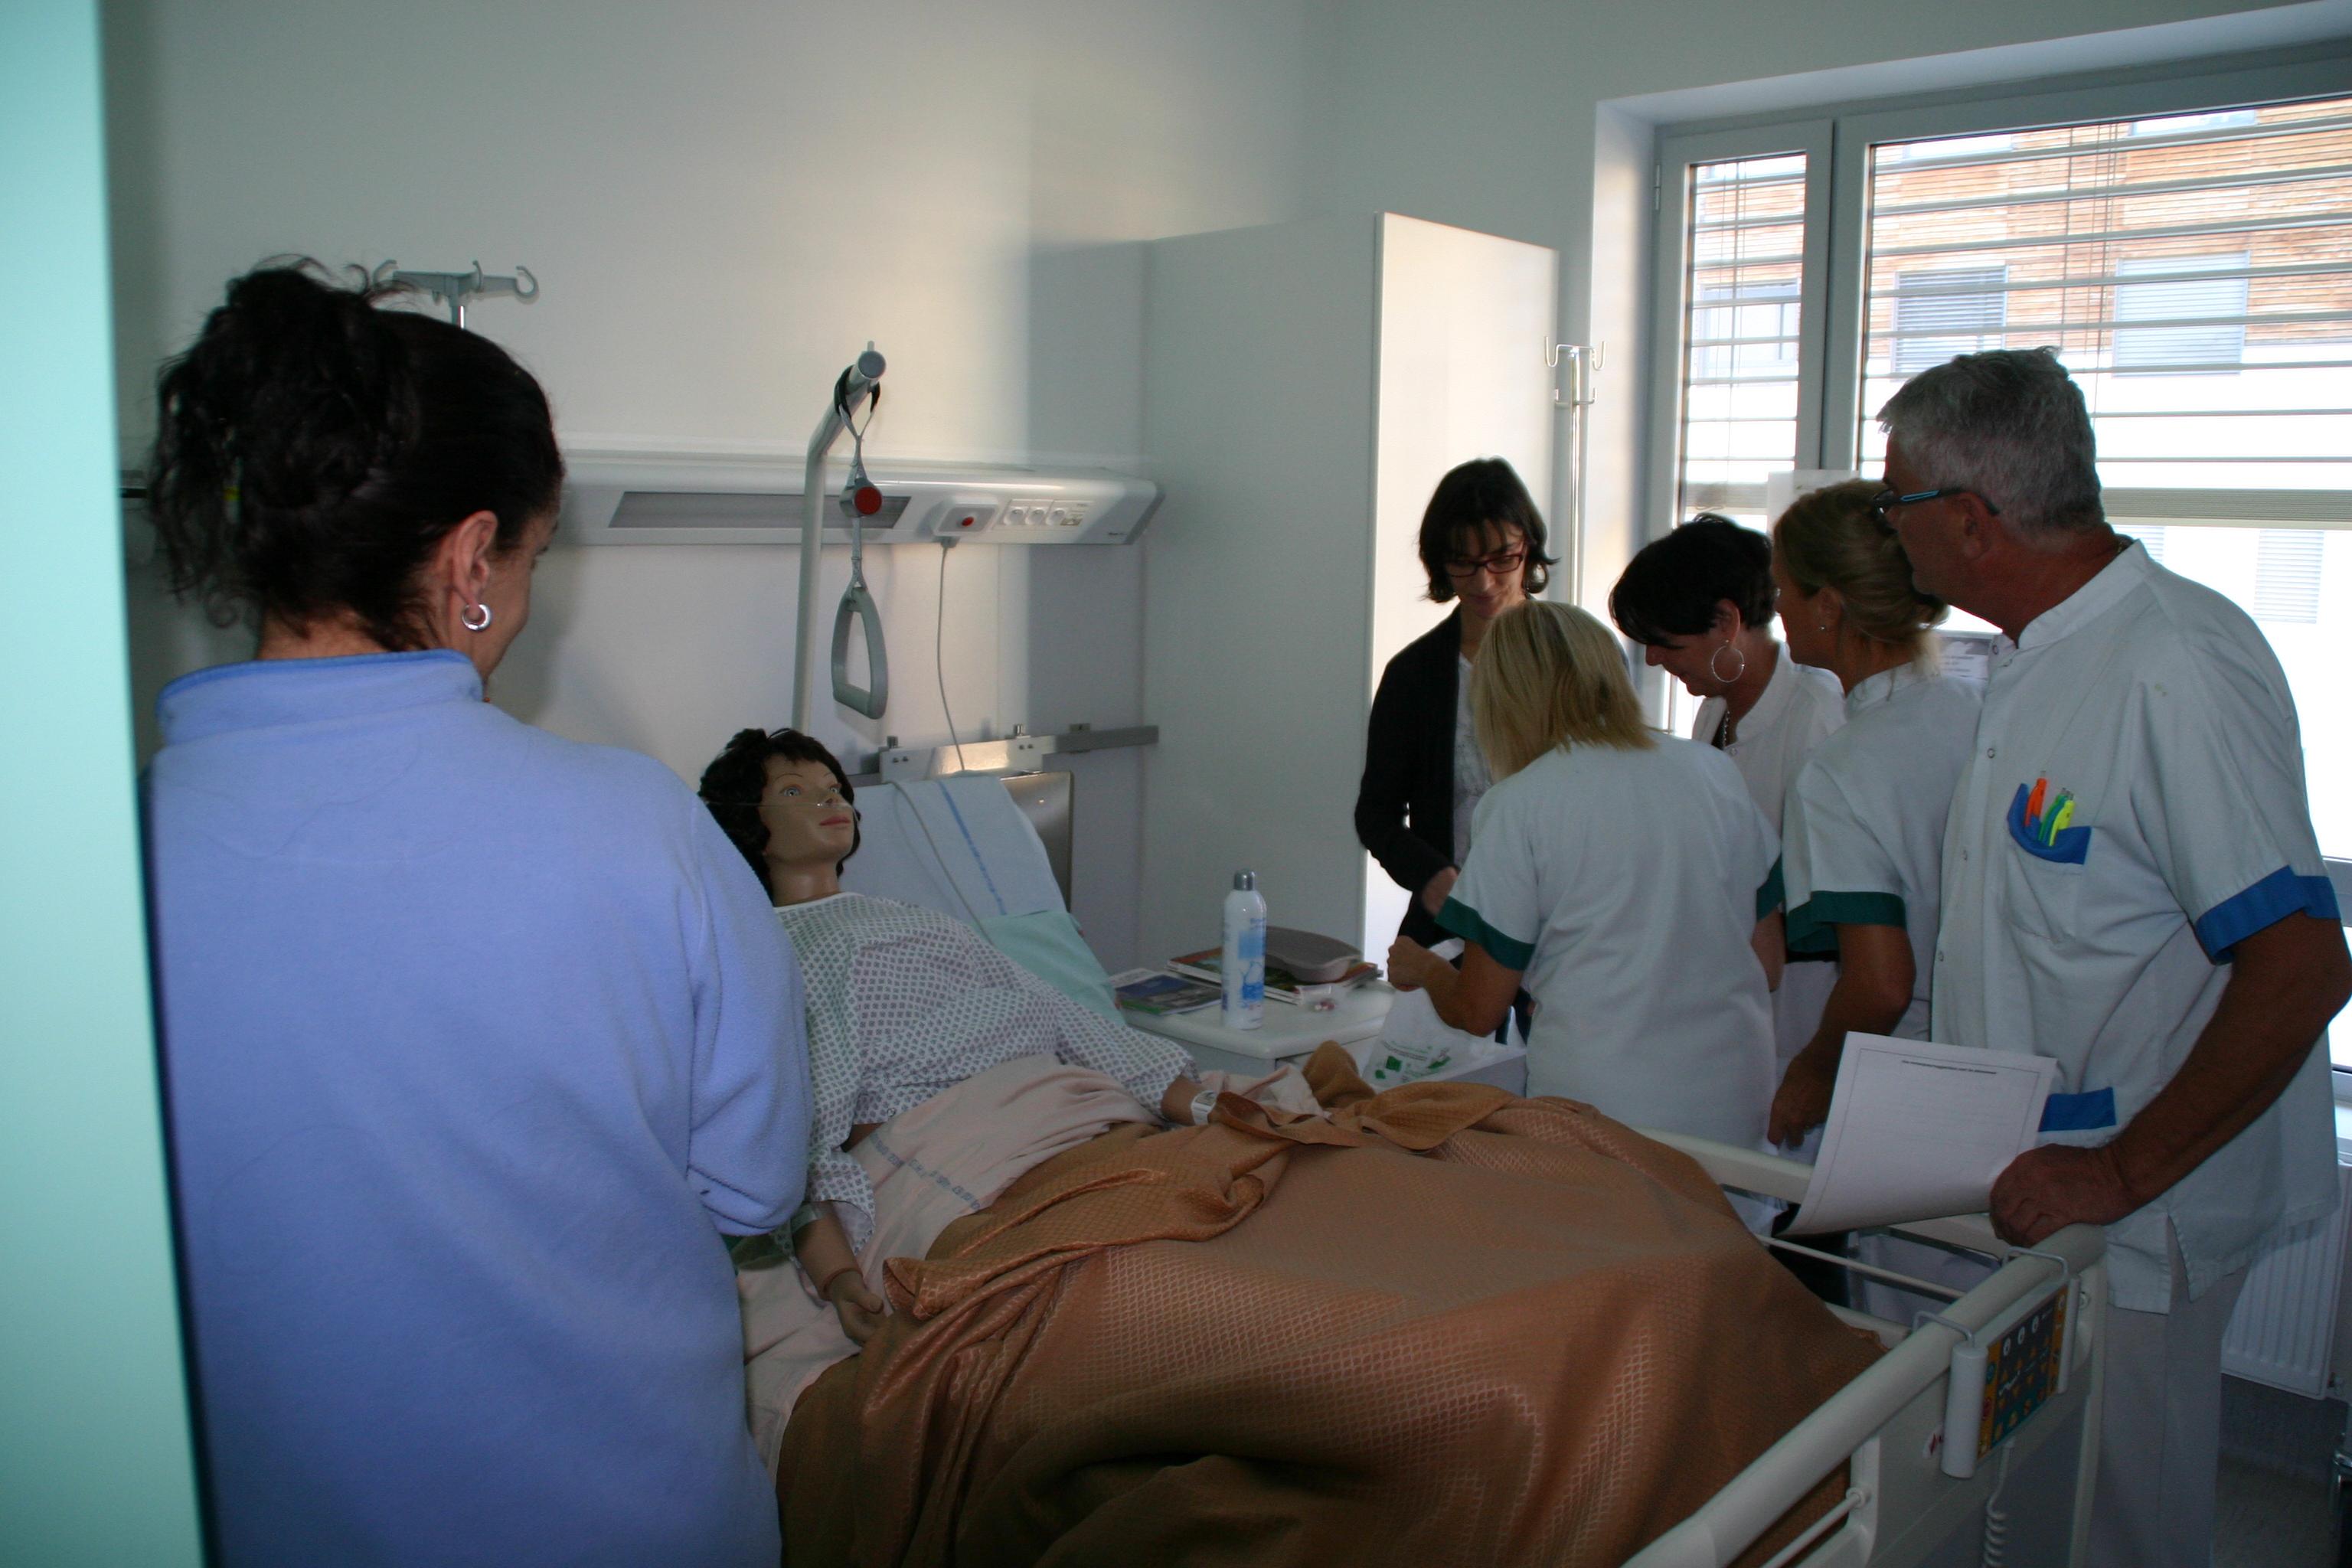 Une opération originale pour parler hygiène à l'hôpital.